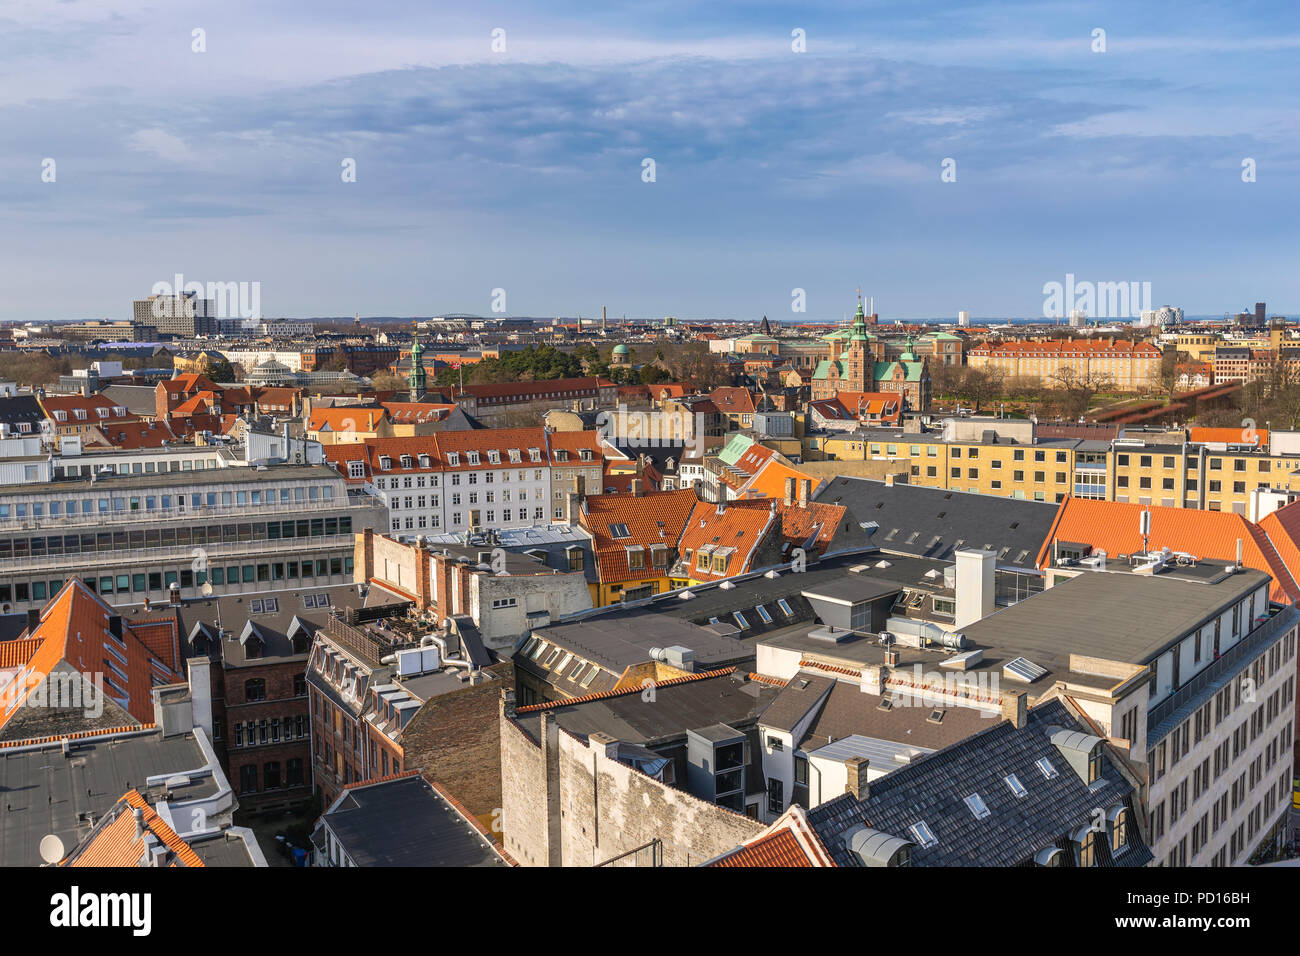 Kopenhagen Luftbild Skyline von Round Tower, Kopenhagen, Dänemark Stockbild